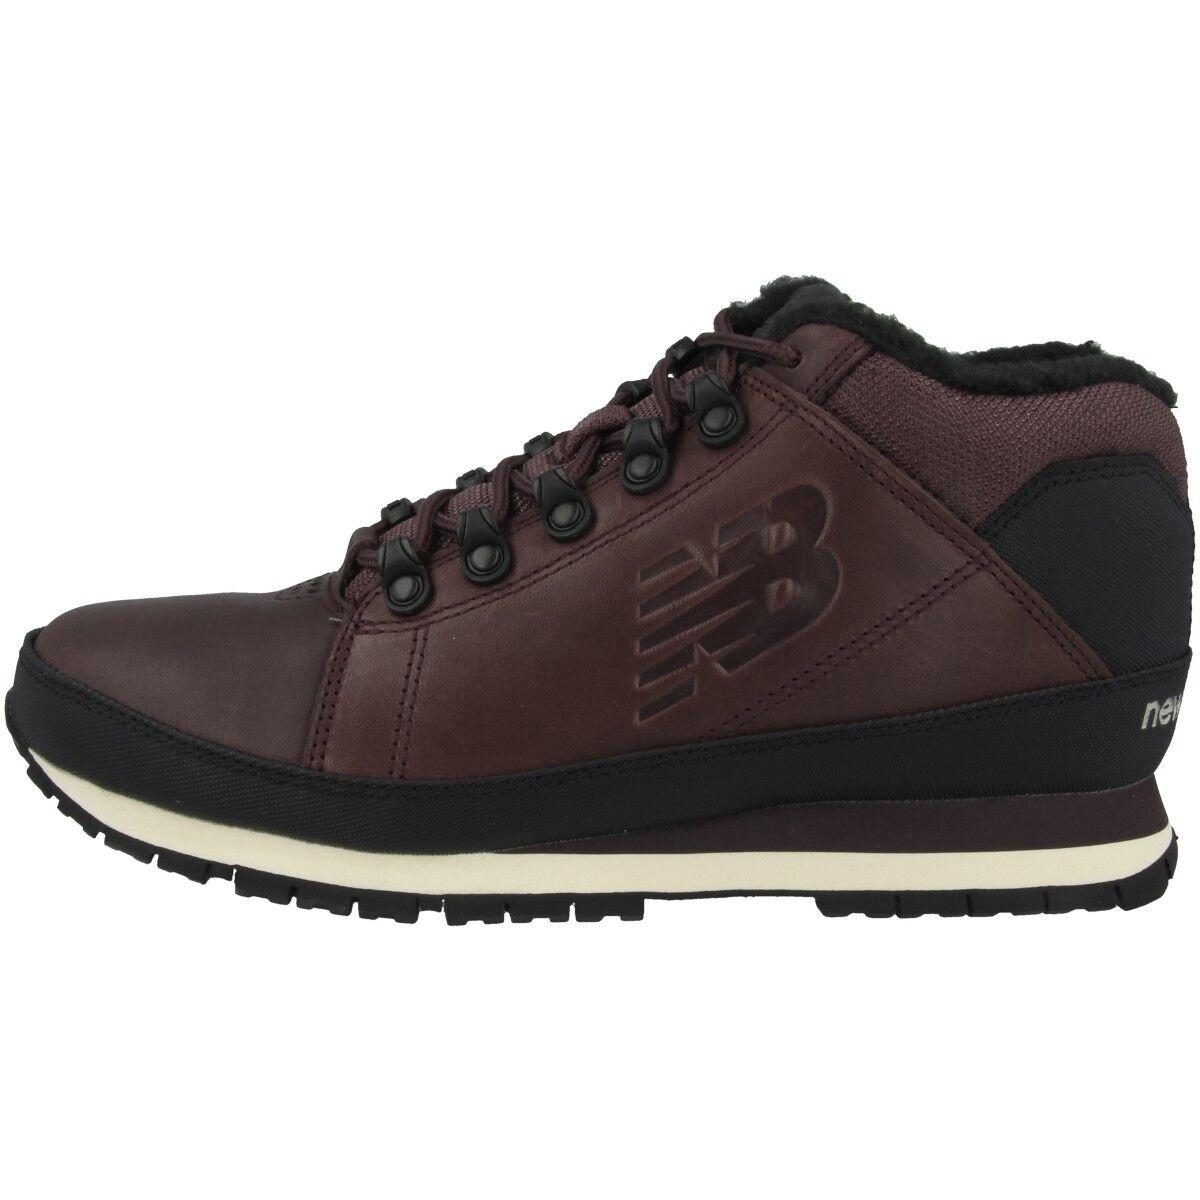 nouveau   Hl 754 Bb Chaussures Bottes Hommes Hiver Bordeaux Noir HL754BB